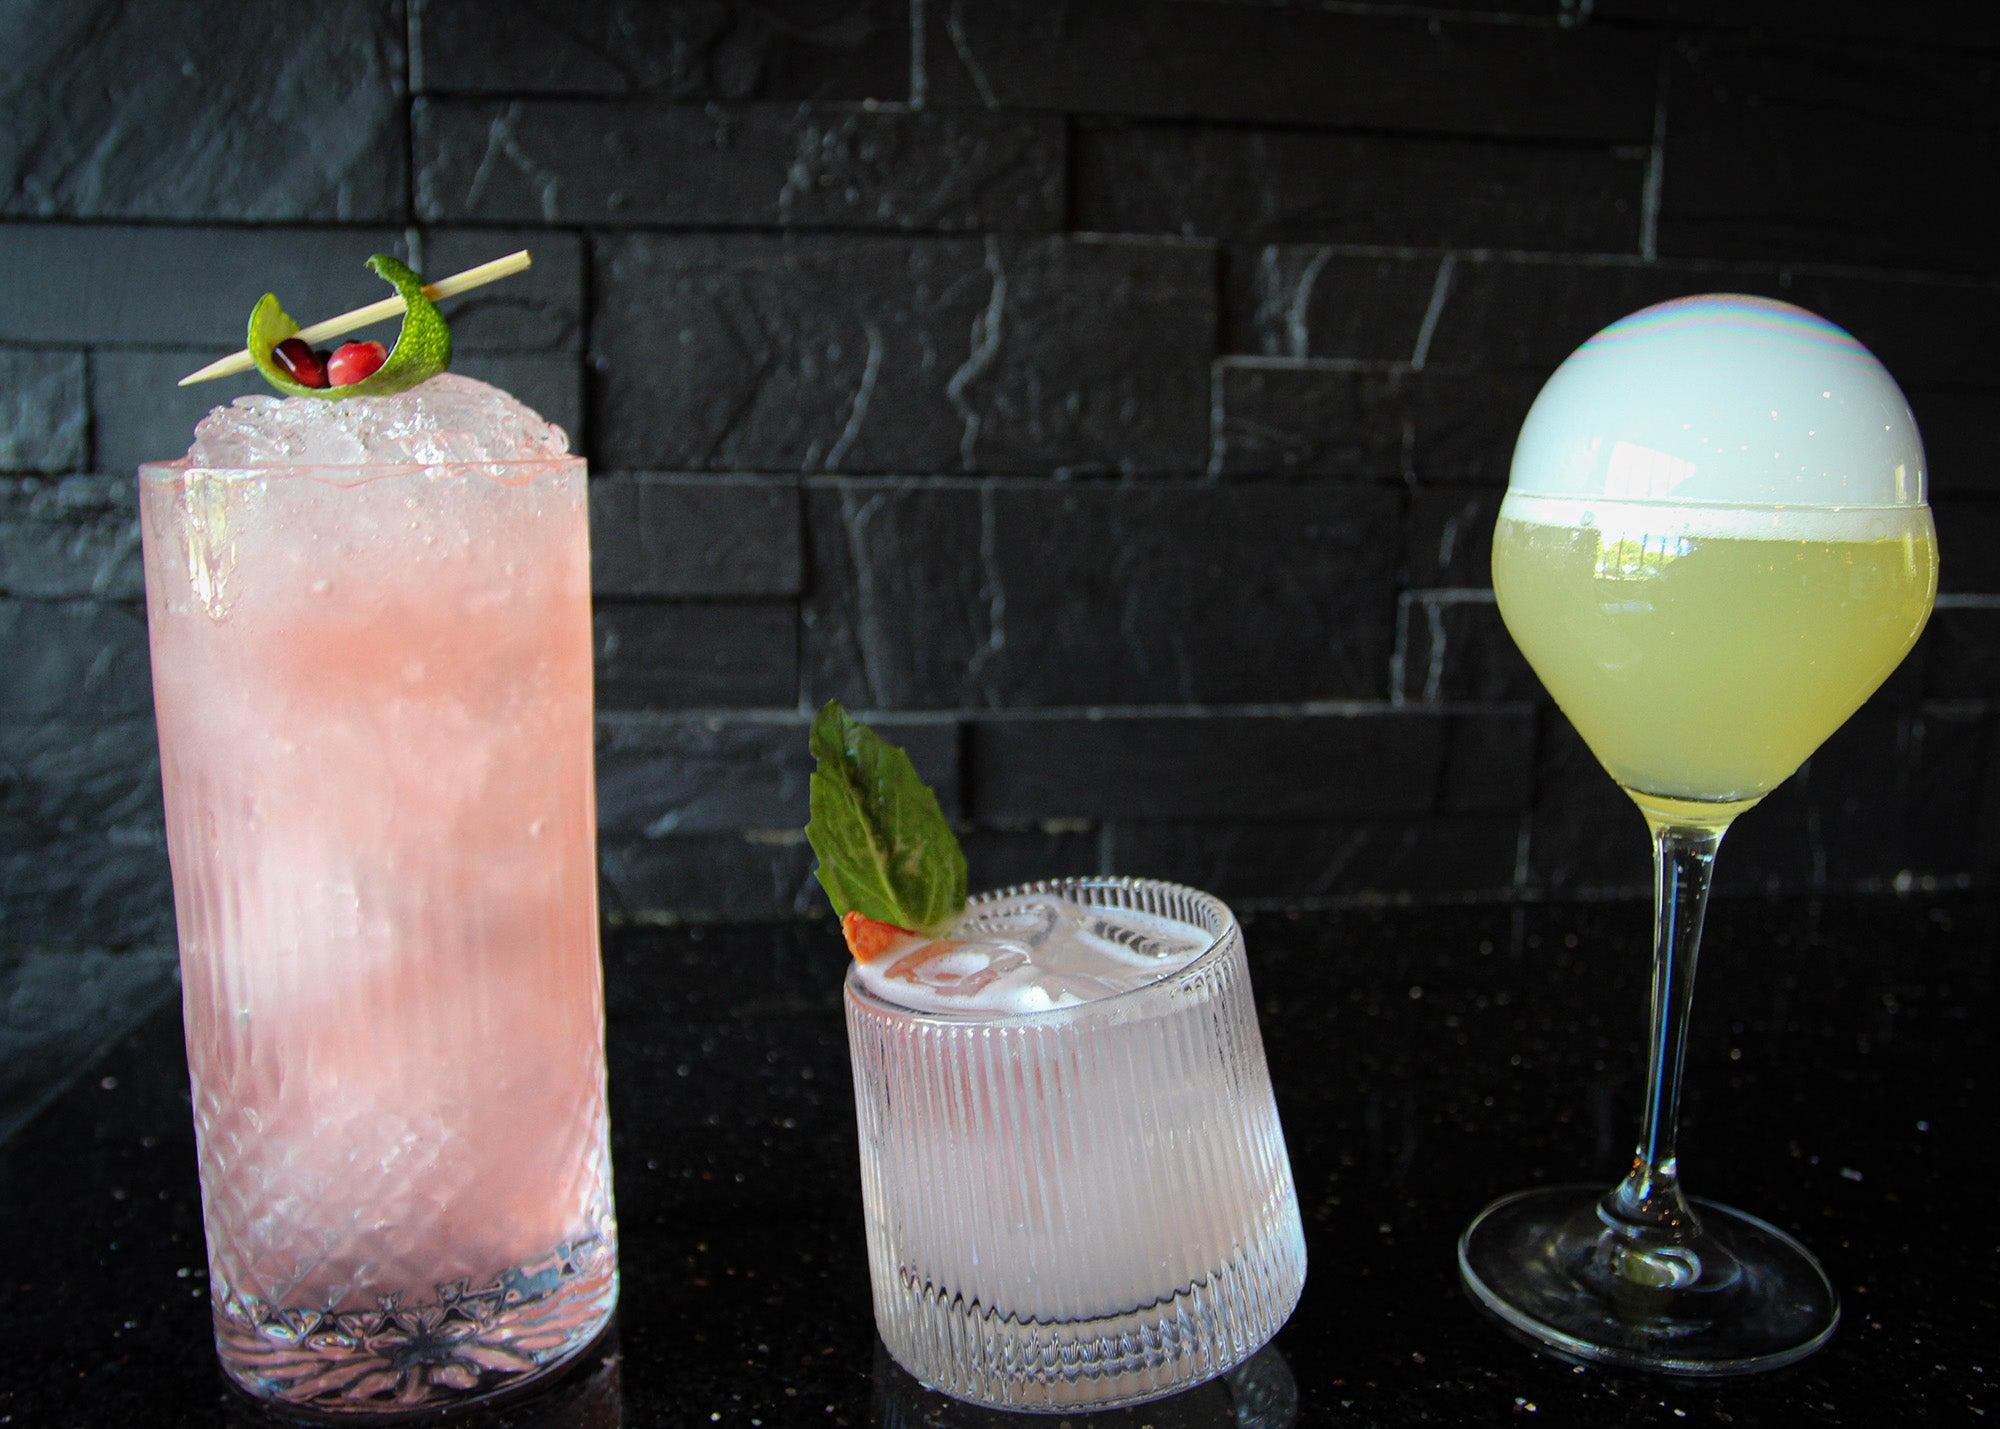 Cocktails at Next Door